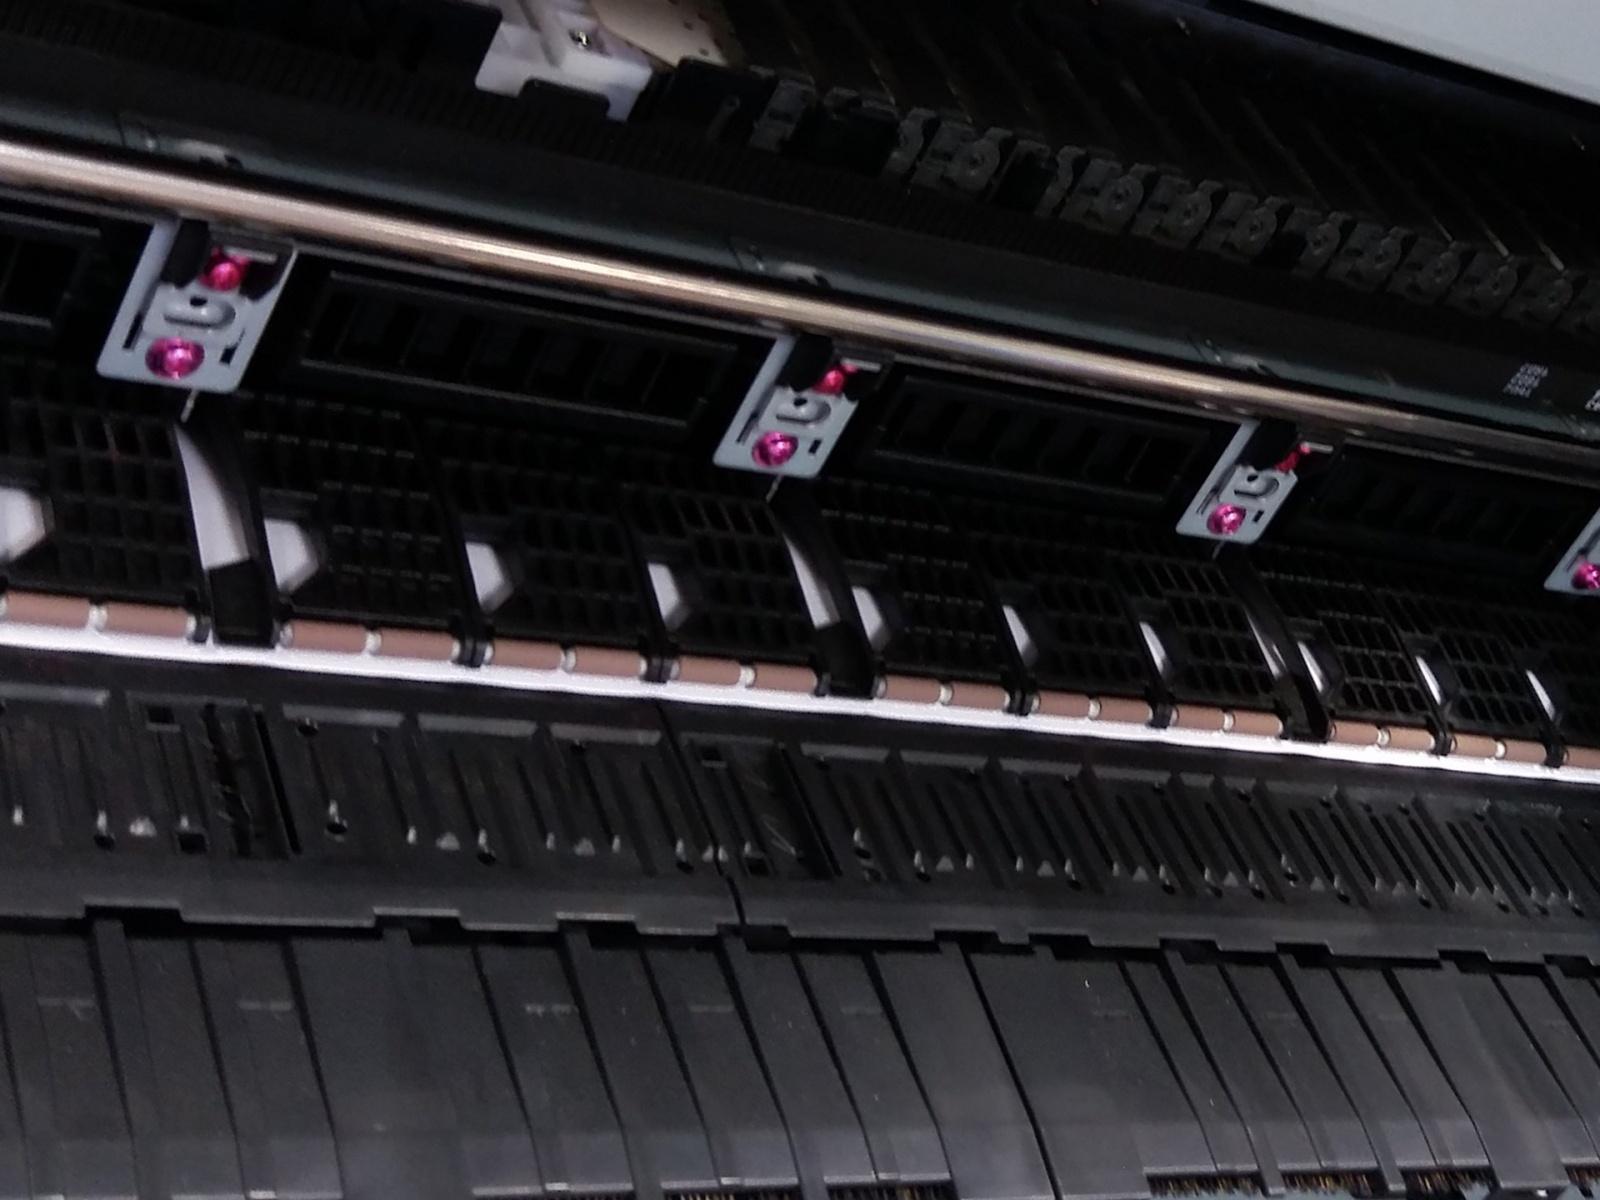 Тонкая красная линия: обзор широкоформатного принтера Canon imagePROGRAF PRO-2000 - 7